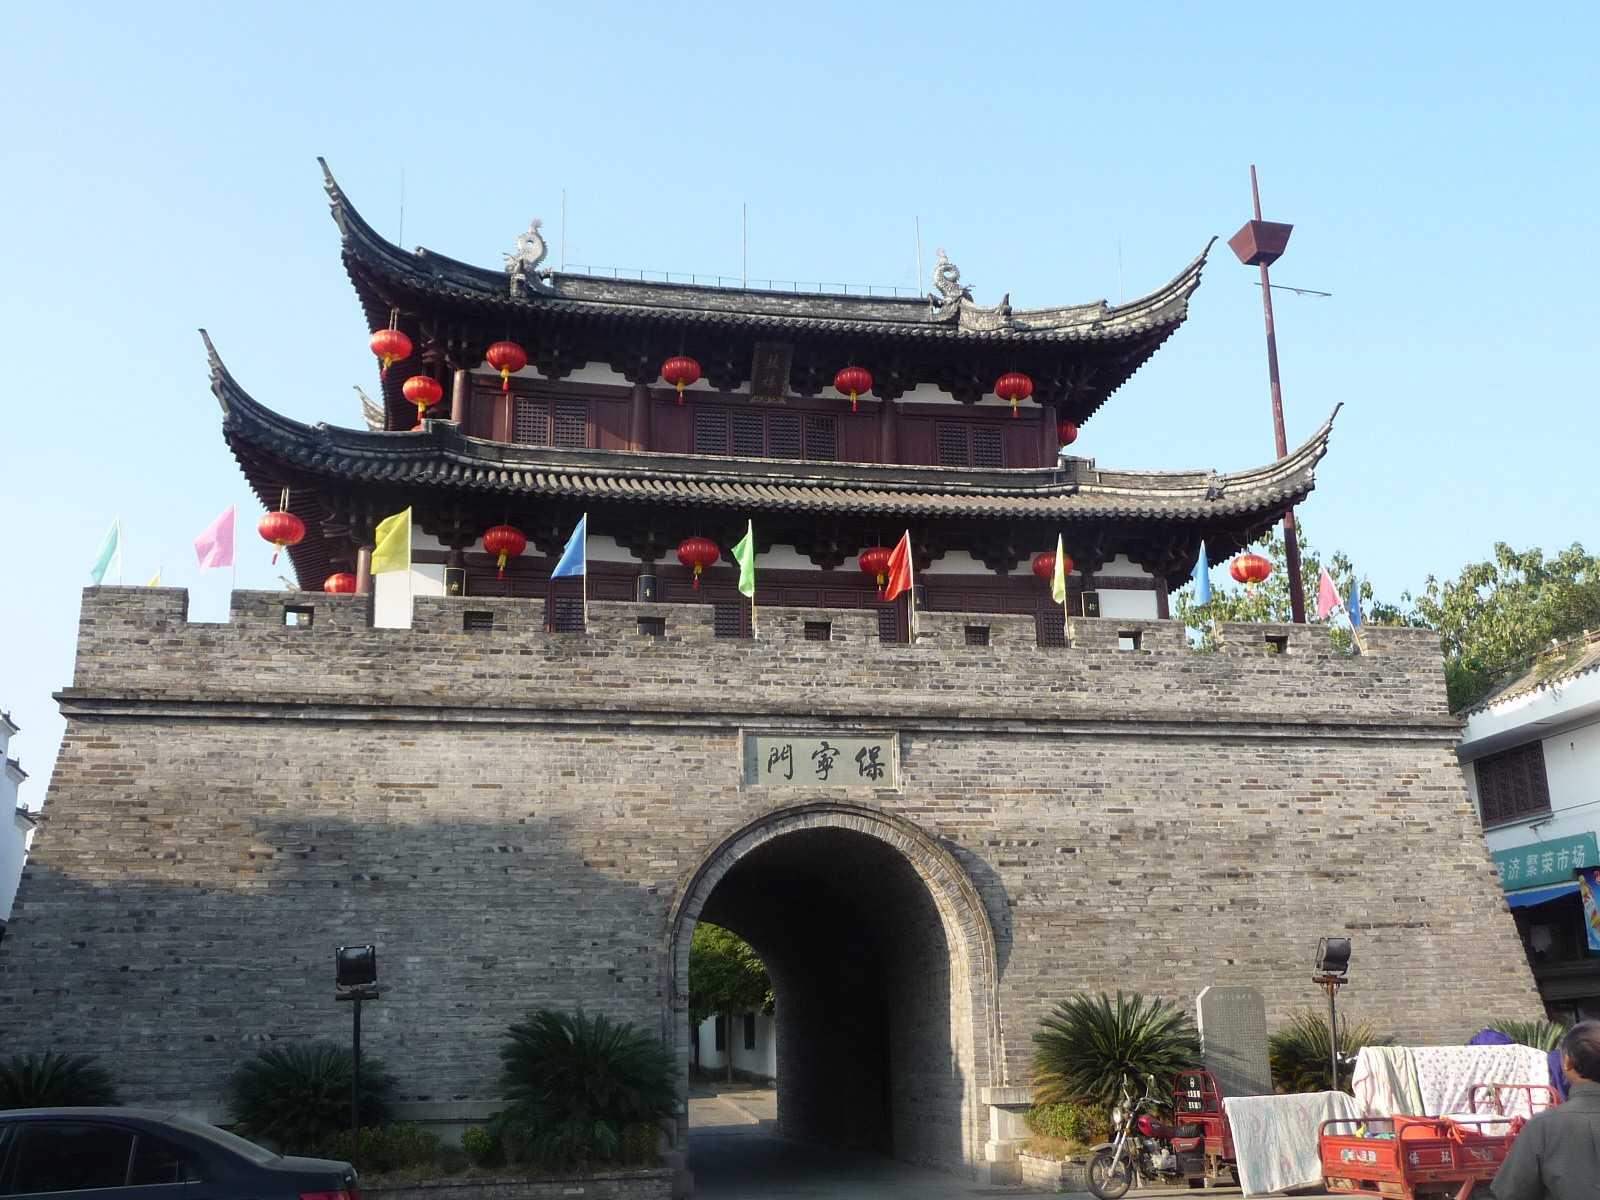 Jinhua China  city photos gallery : Our Trips: Hong Kong & Jinhua, China, October 22 November 6, 2009.